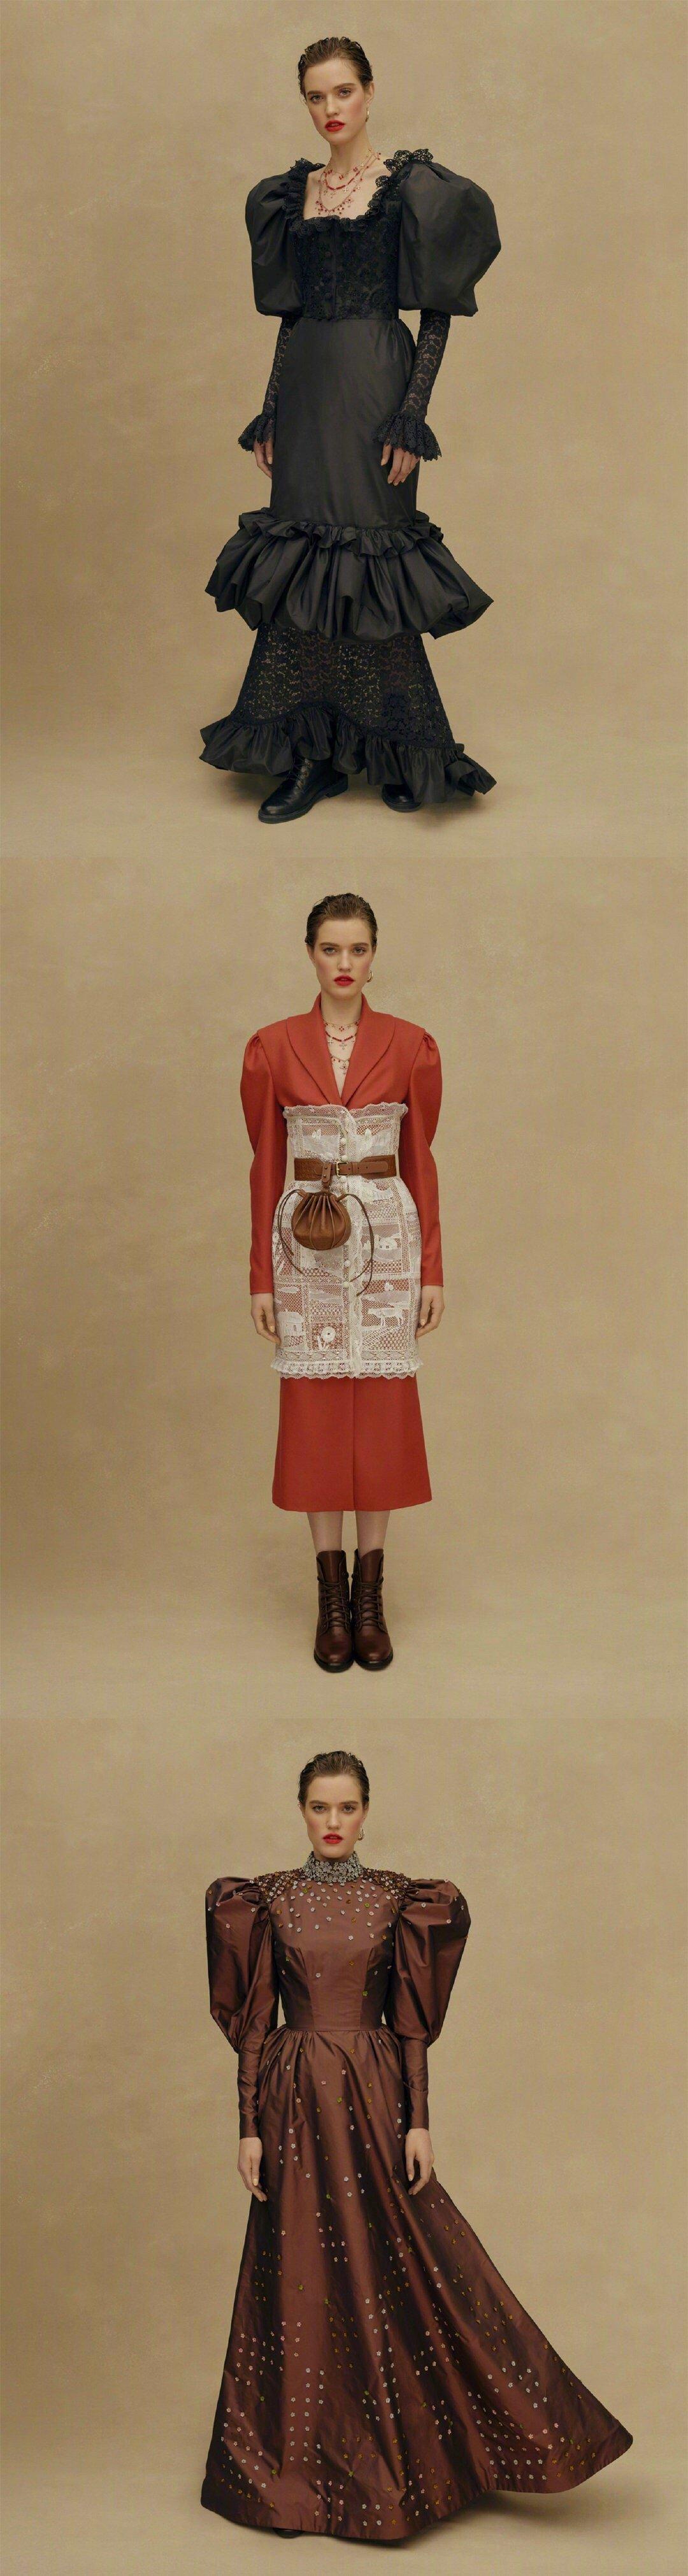 Ulyana Sergeenko Couture S/S 2019 哥萨克风情的礼服合集